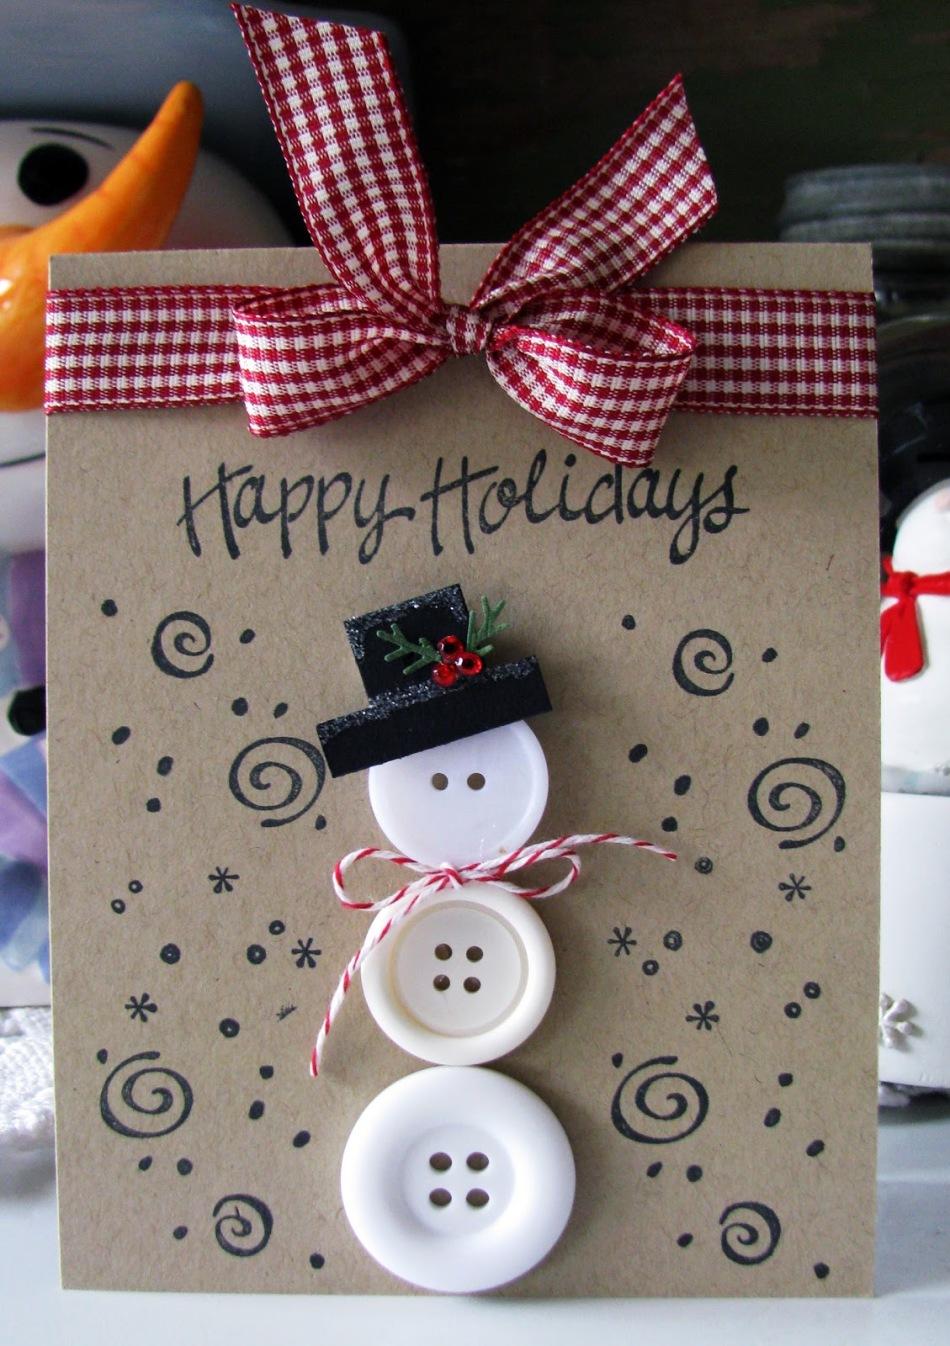 Новогодние открытки - скрапбукинг своими руками: мастер класс. Новогодний скрапбукинг: идеи, шаблоны, надписи, текст